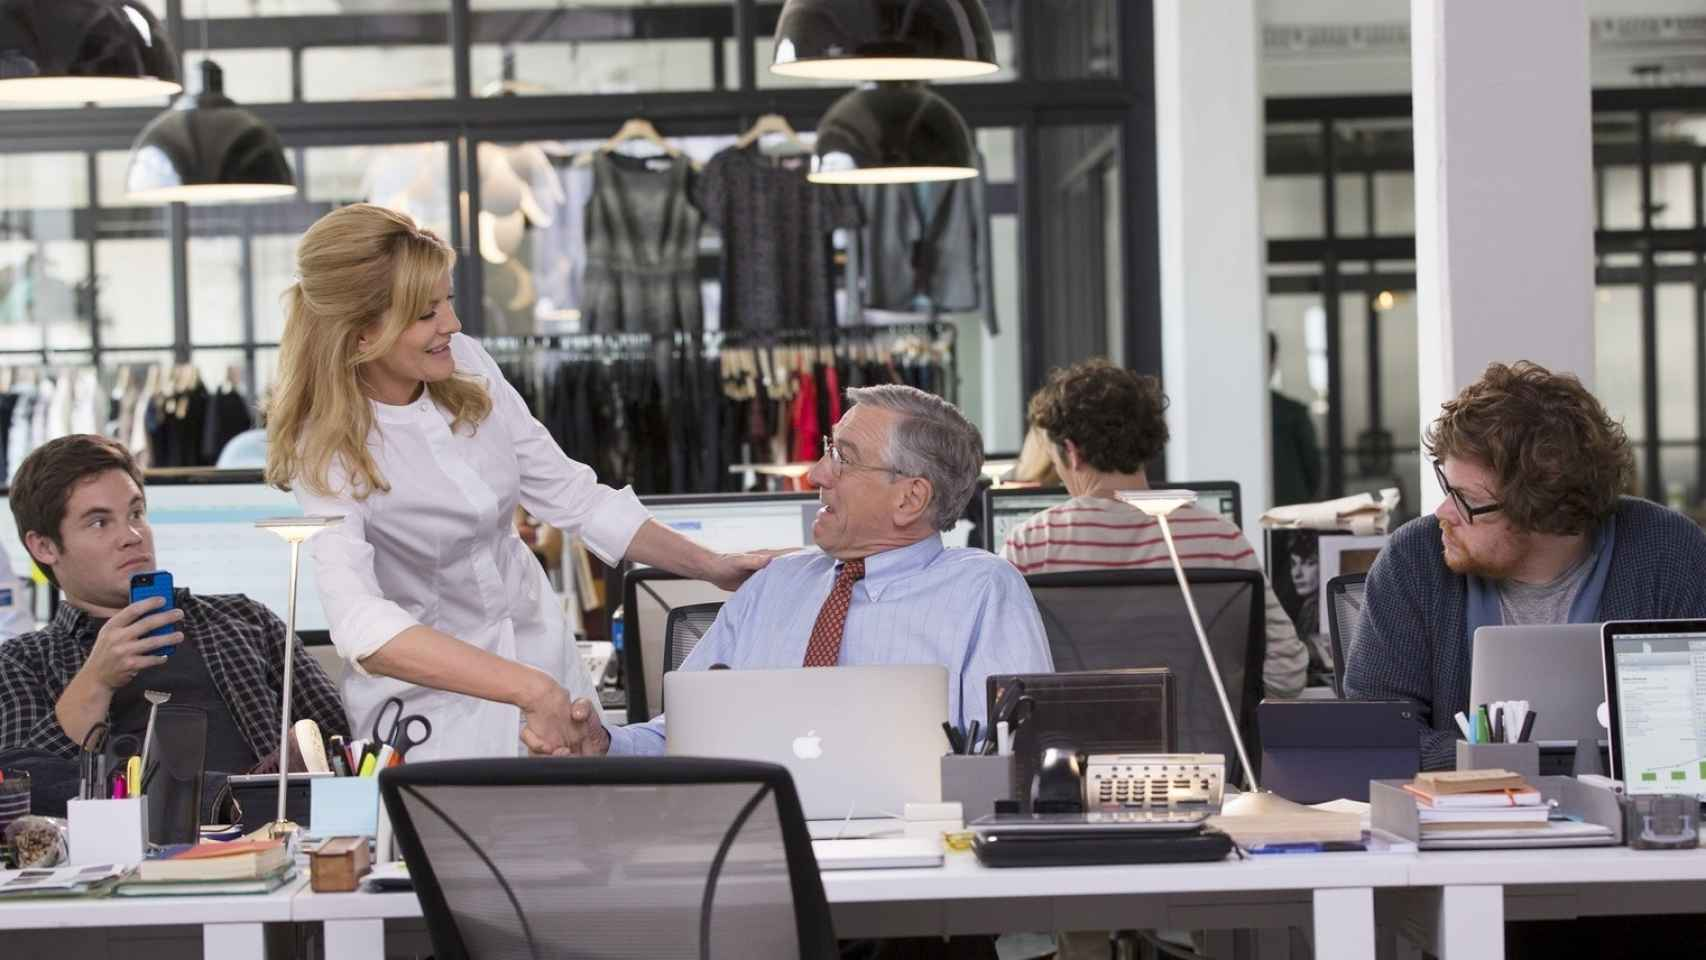 Escena de la película El Becario, protagonizada por Robert de Niro y Anne Hathaway.